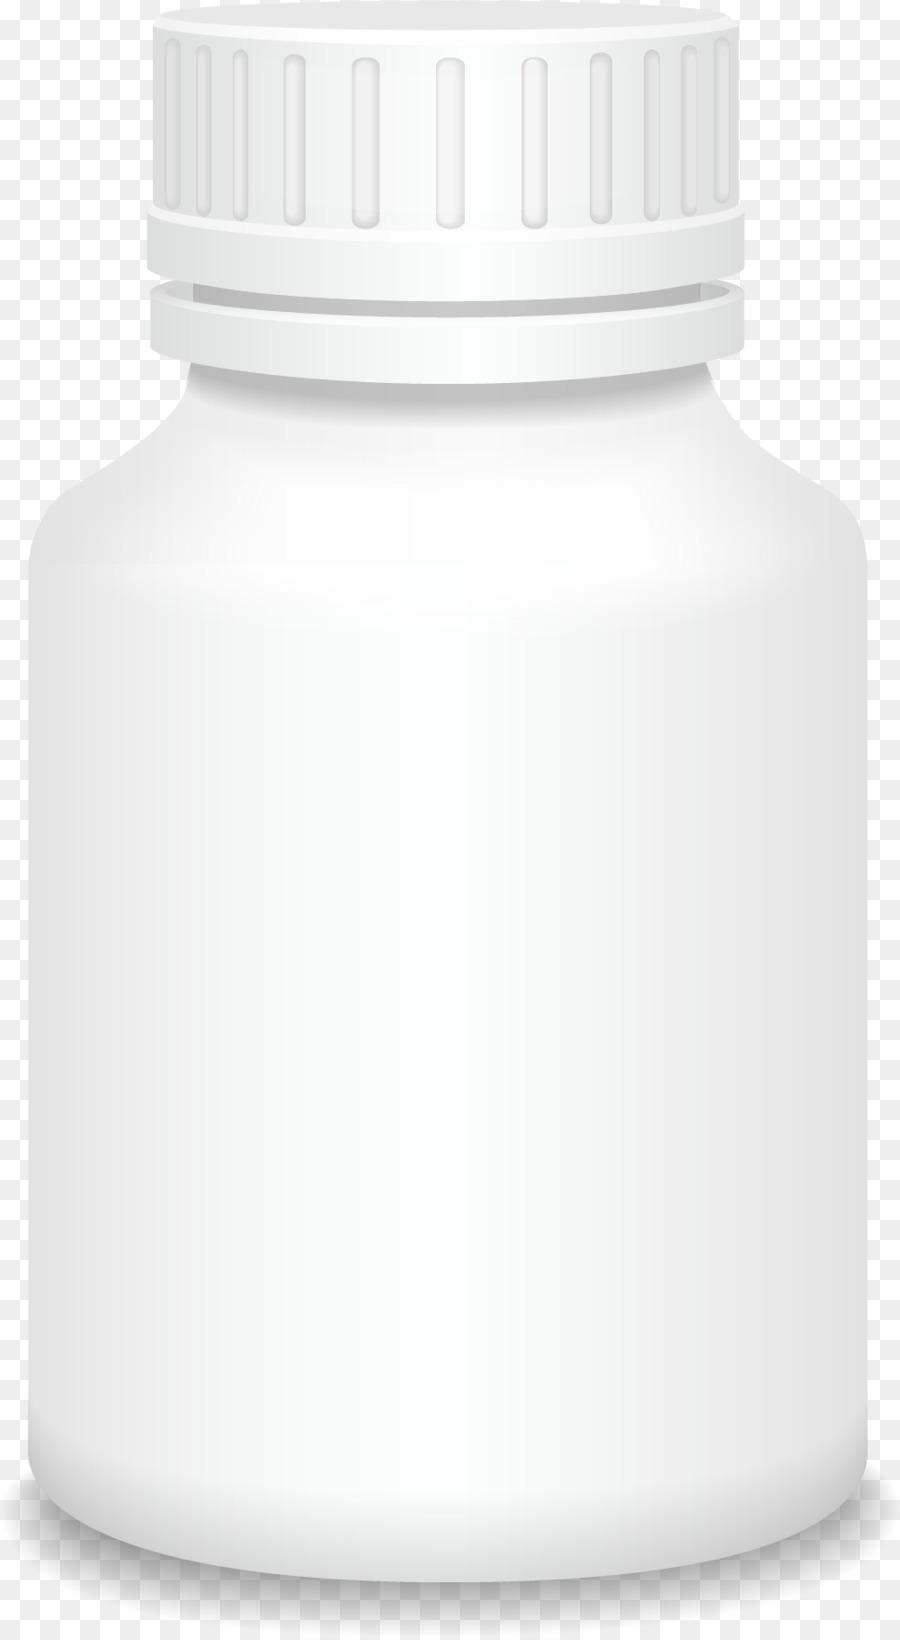 Descarga gratuita de Botella, Botella De Plástico, De Plástico Imágen de Png